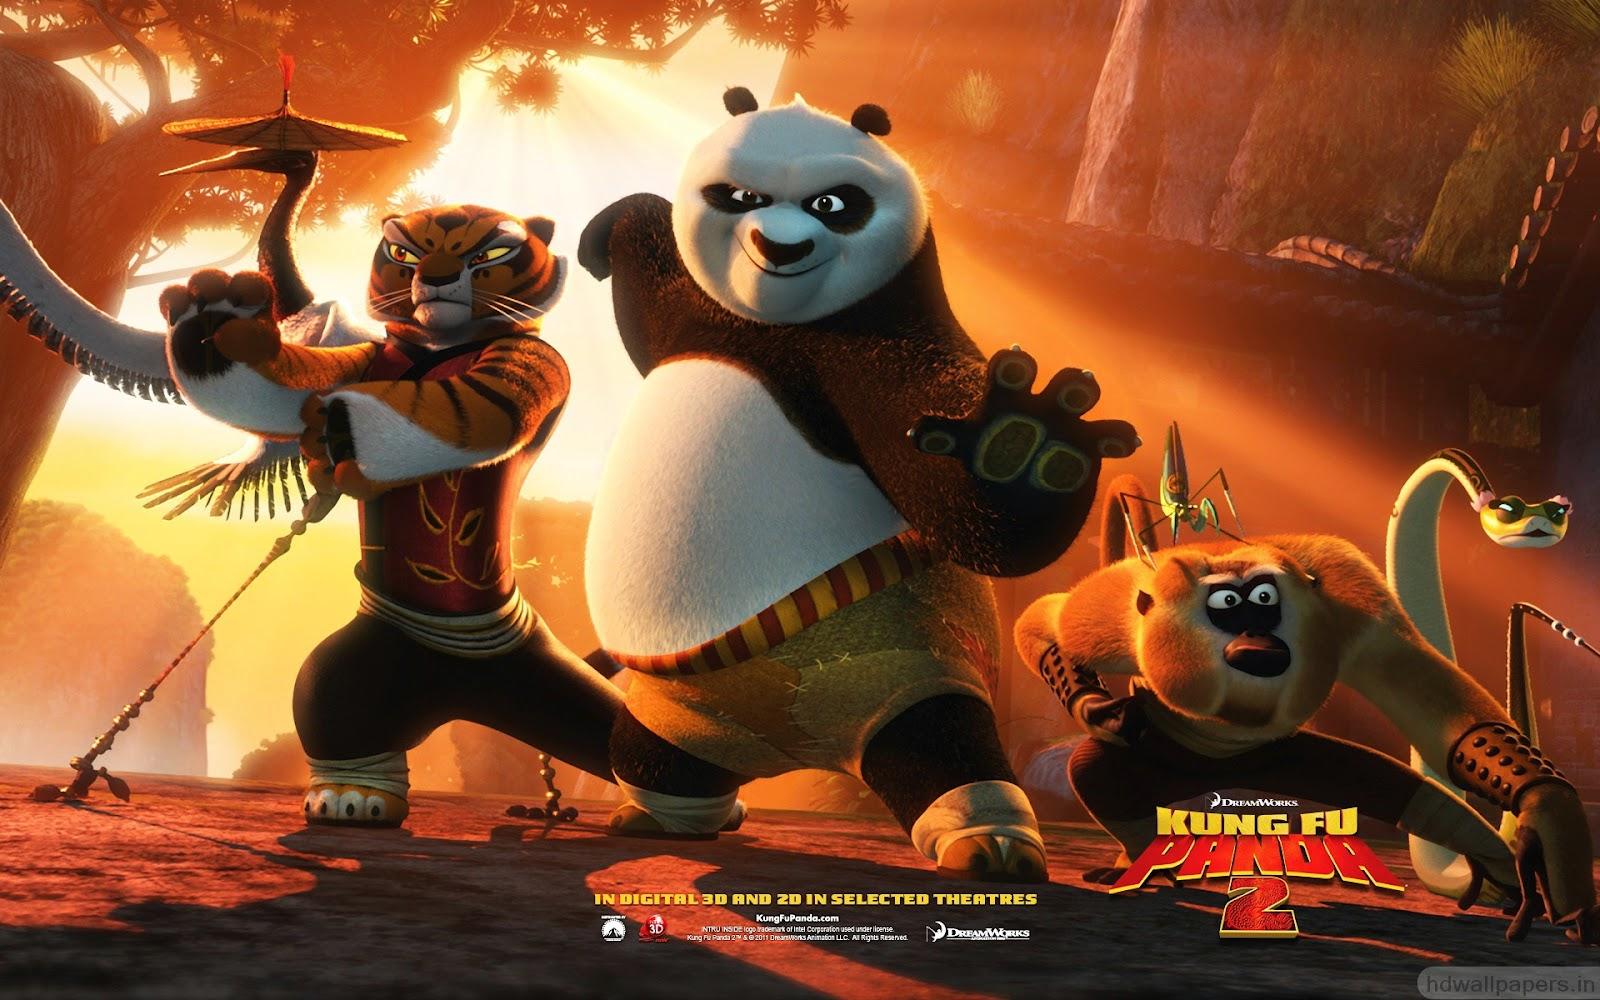 http://2.bp.blogspot.com/-GKdVSxnVWDU/UA_n6HNOUVI/AAAAAAAAAKM/OgbLkJrXdso/s1600/kung_fu_panda_2-wide.jpg